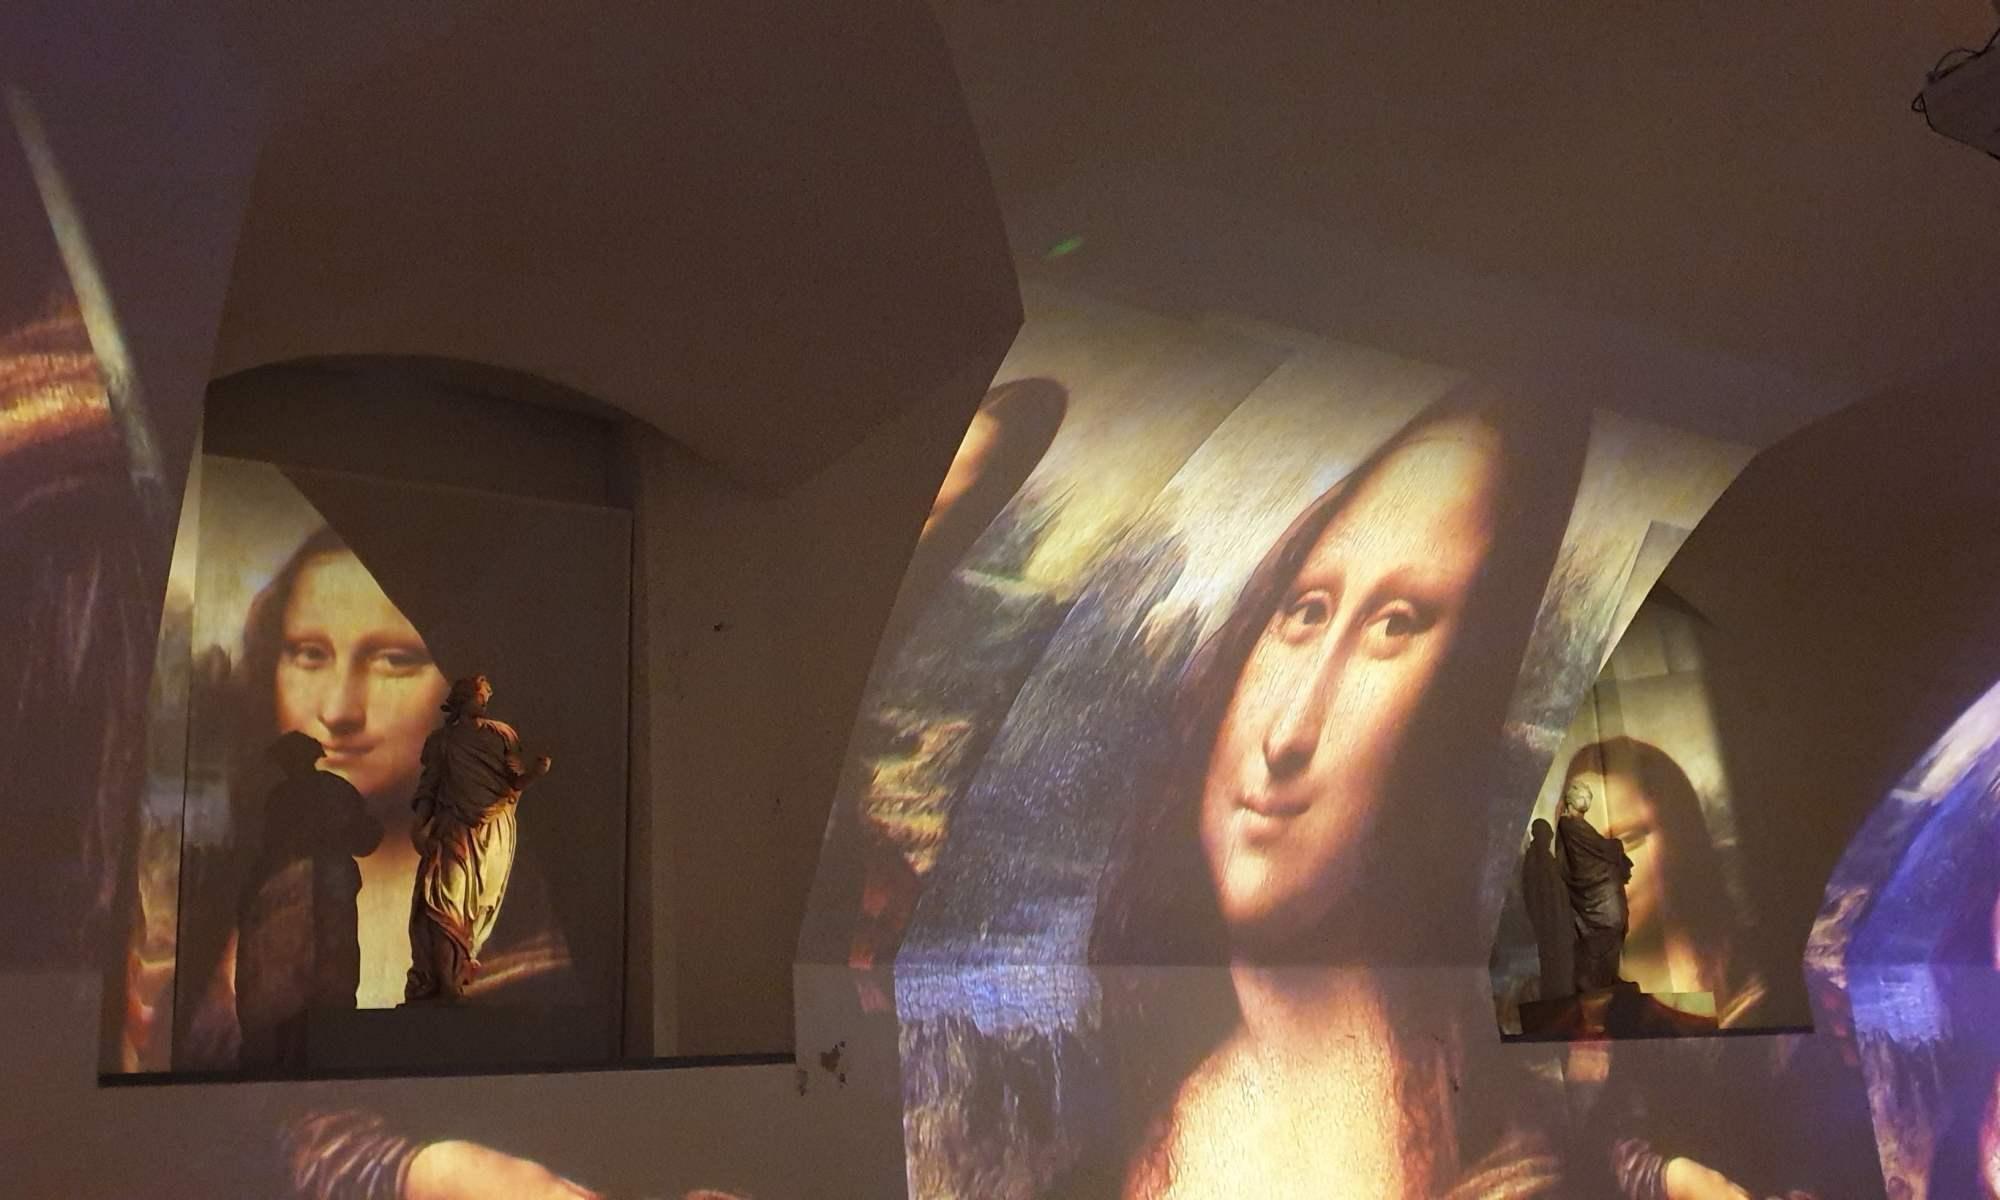 Leonardo-&-warhol-the-genius-experience